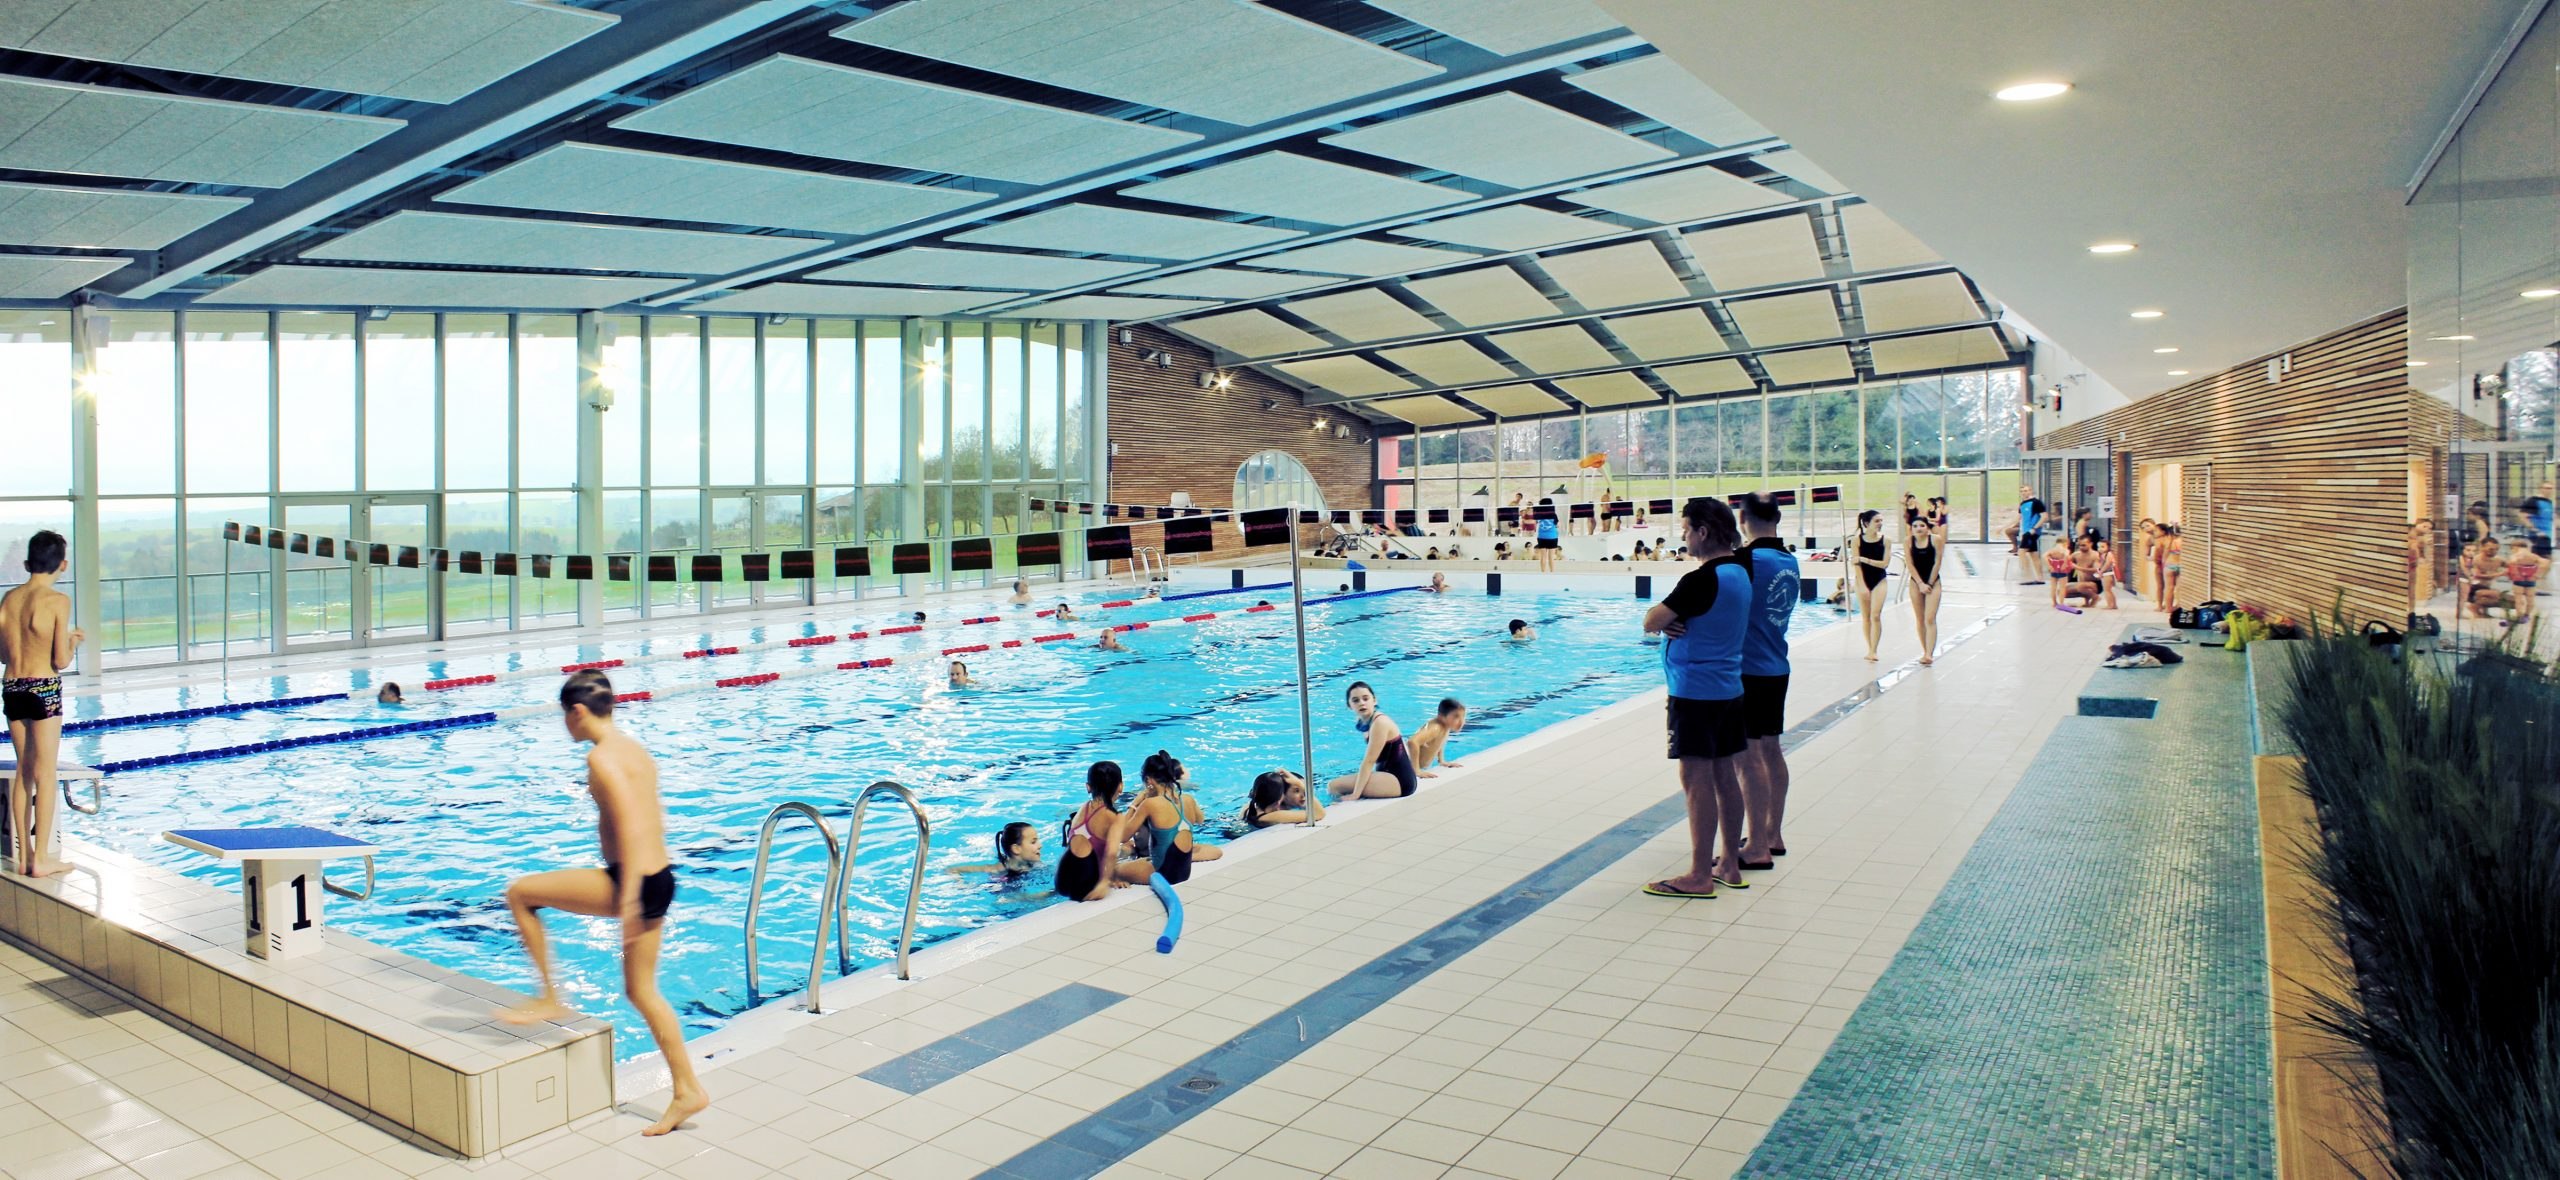 Le Centre Aquatique De Rohrbach | Communauté De Communes Du ... avec Piscine Lingolsheim Horaires